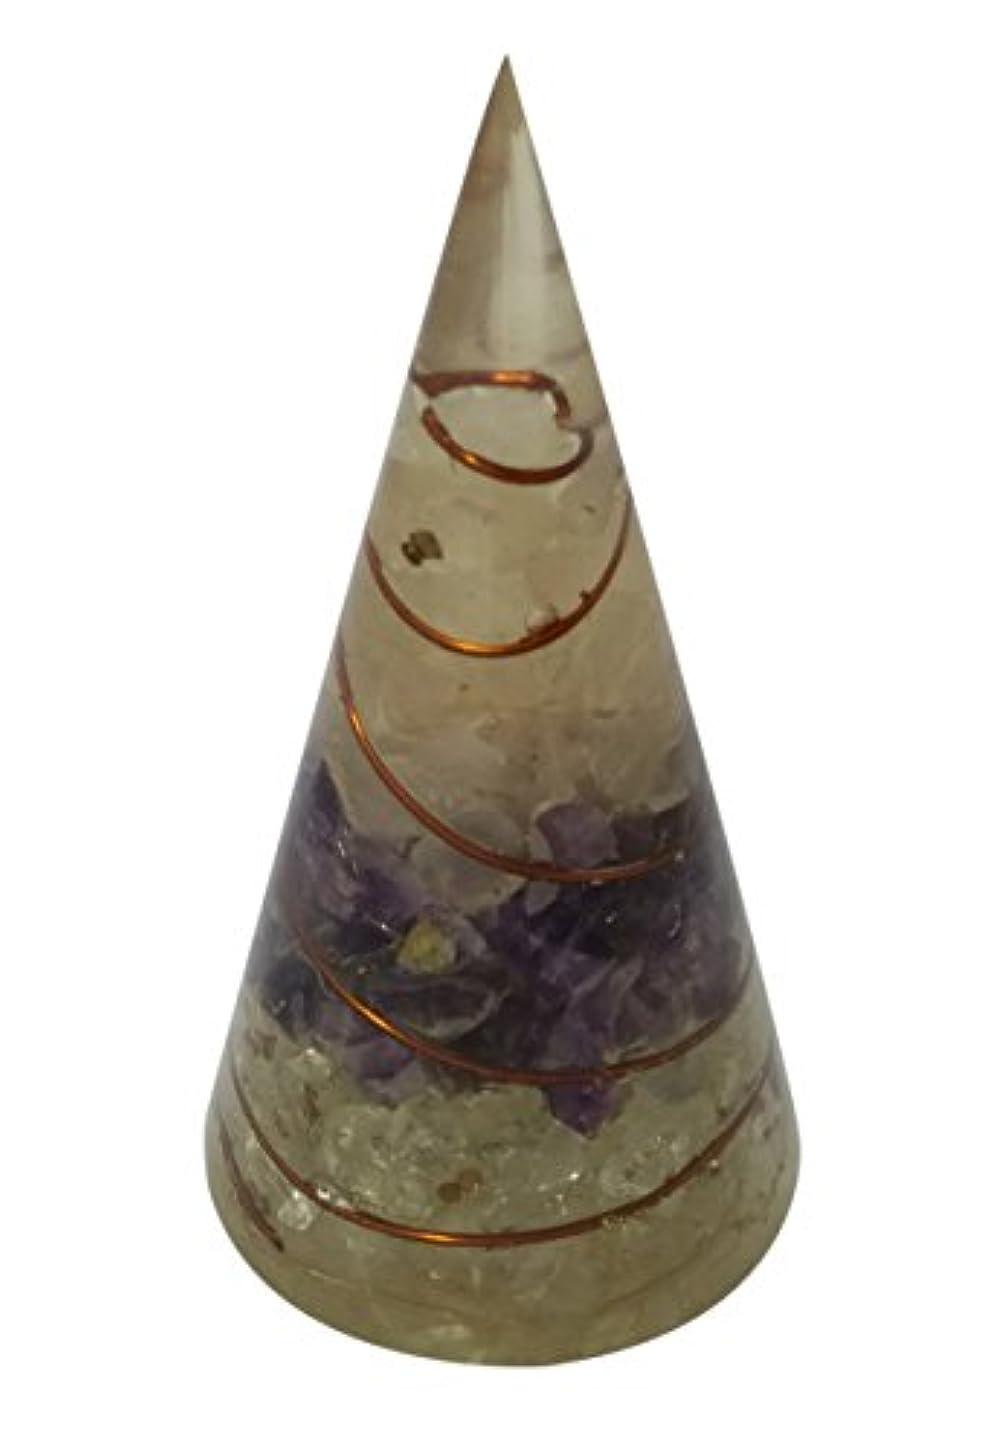 シャベル天窓旅wholesalegemshopローズクォーツ、アメジスト、クリスタルクォーツOrgone円錐形ピラミッド円錐形状アンテナ